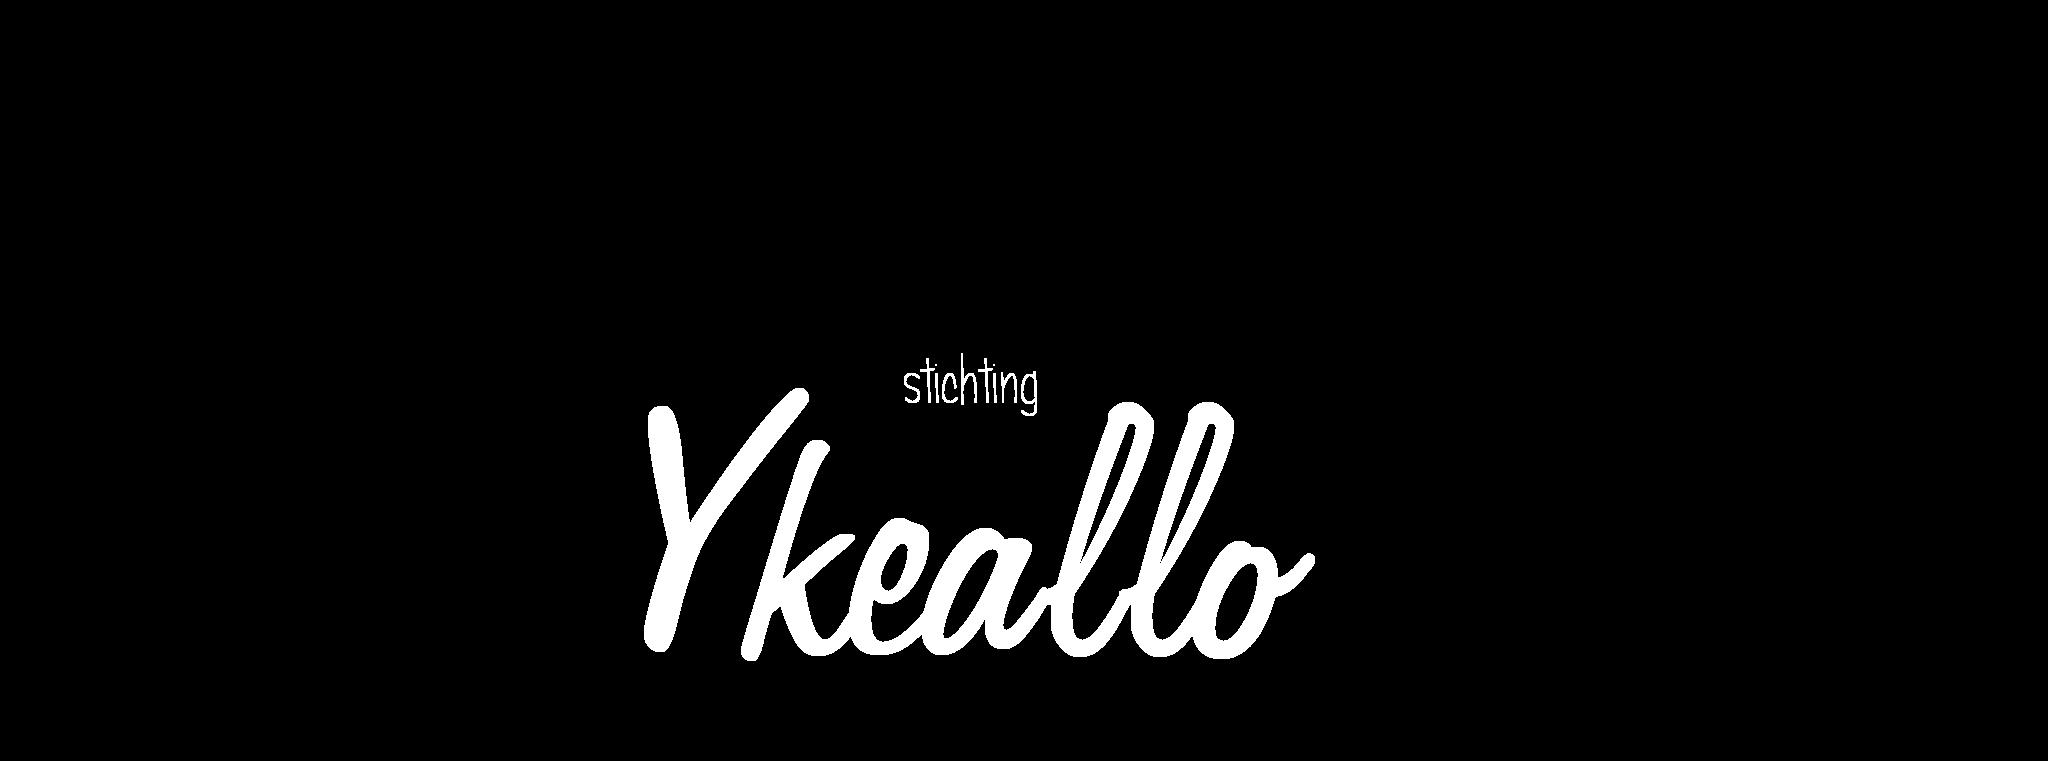 Stichting Ykeallo